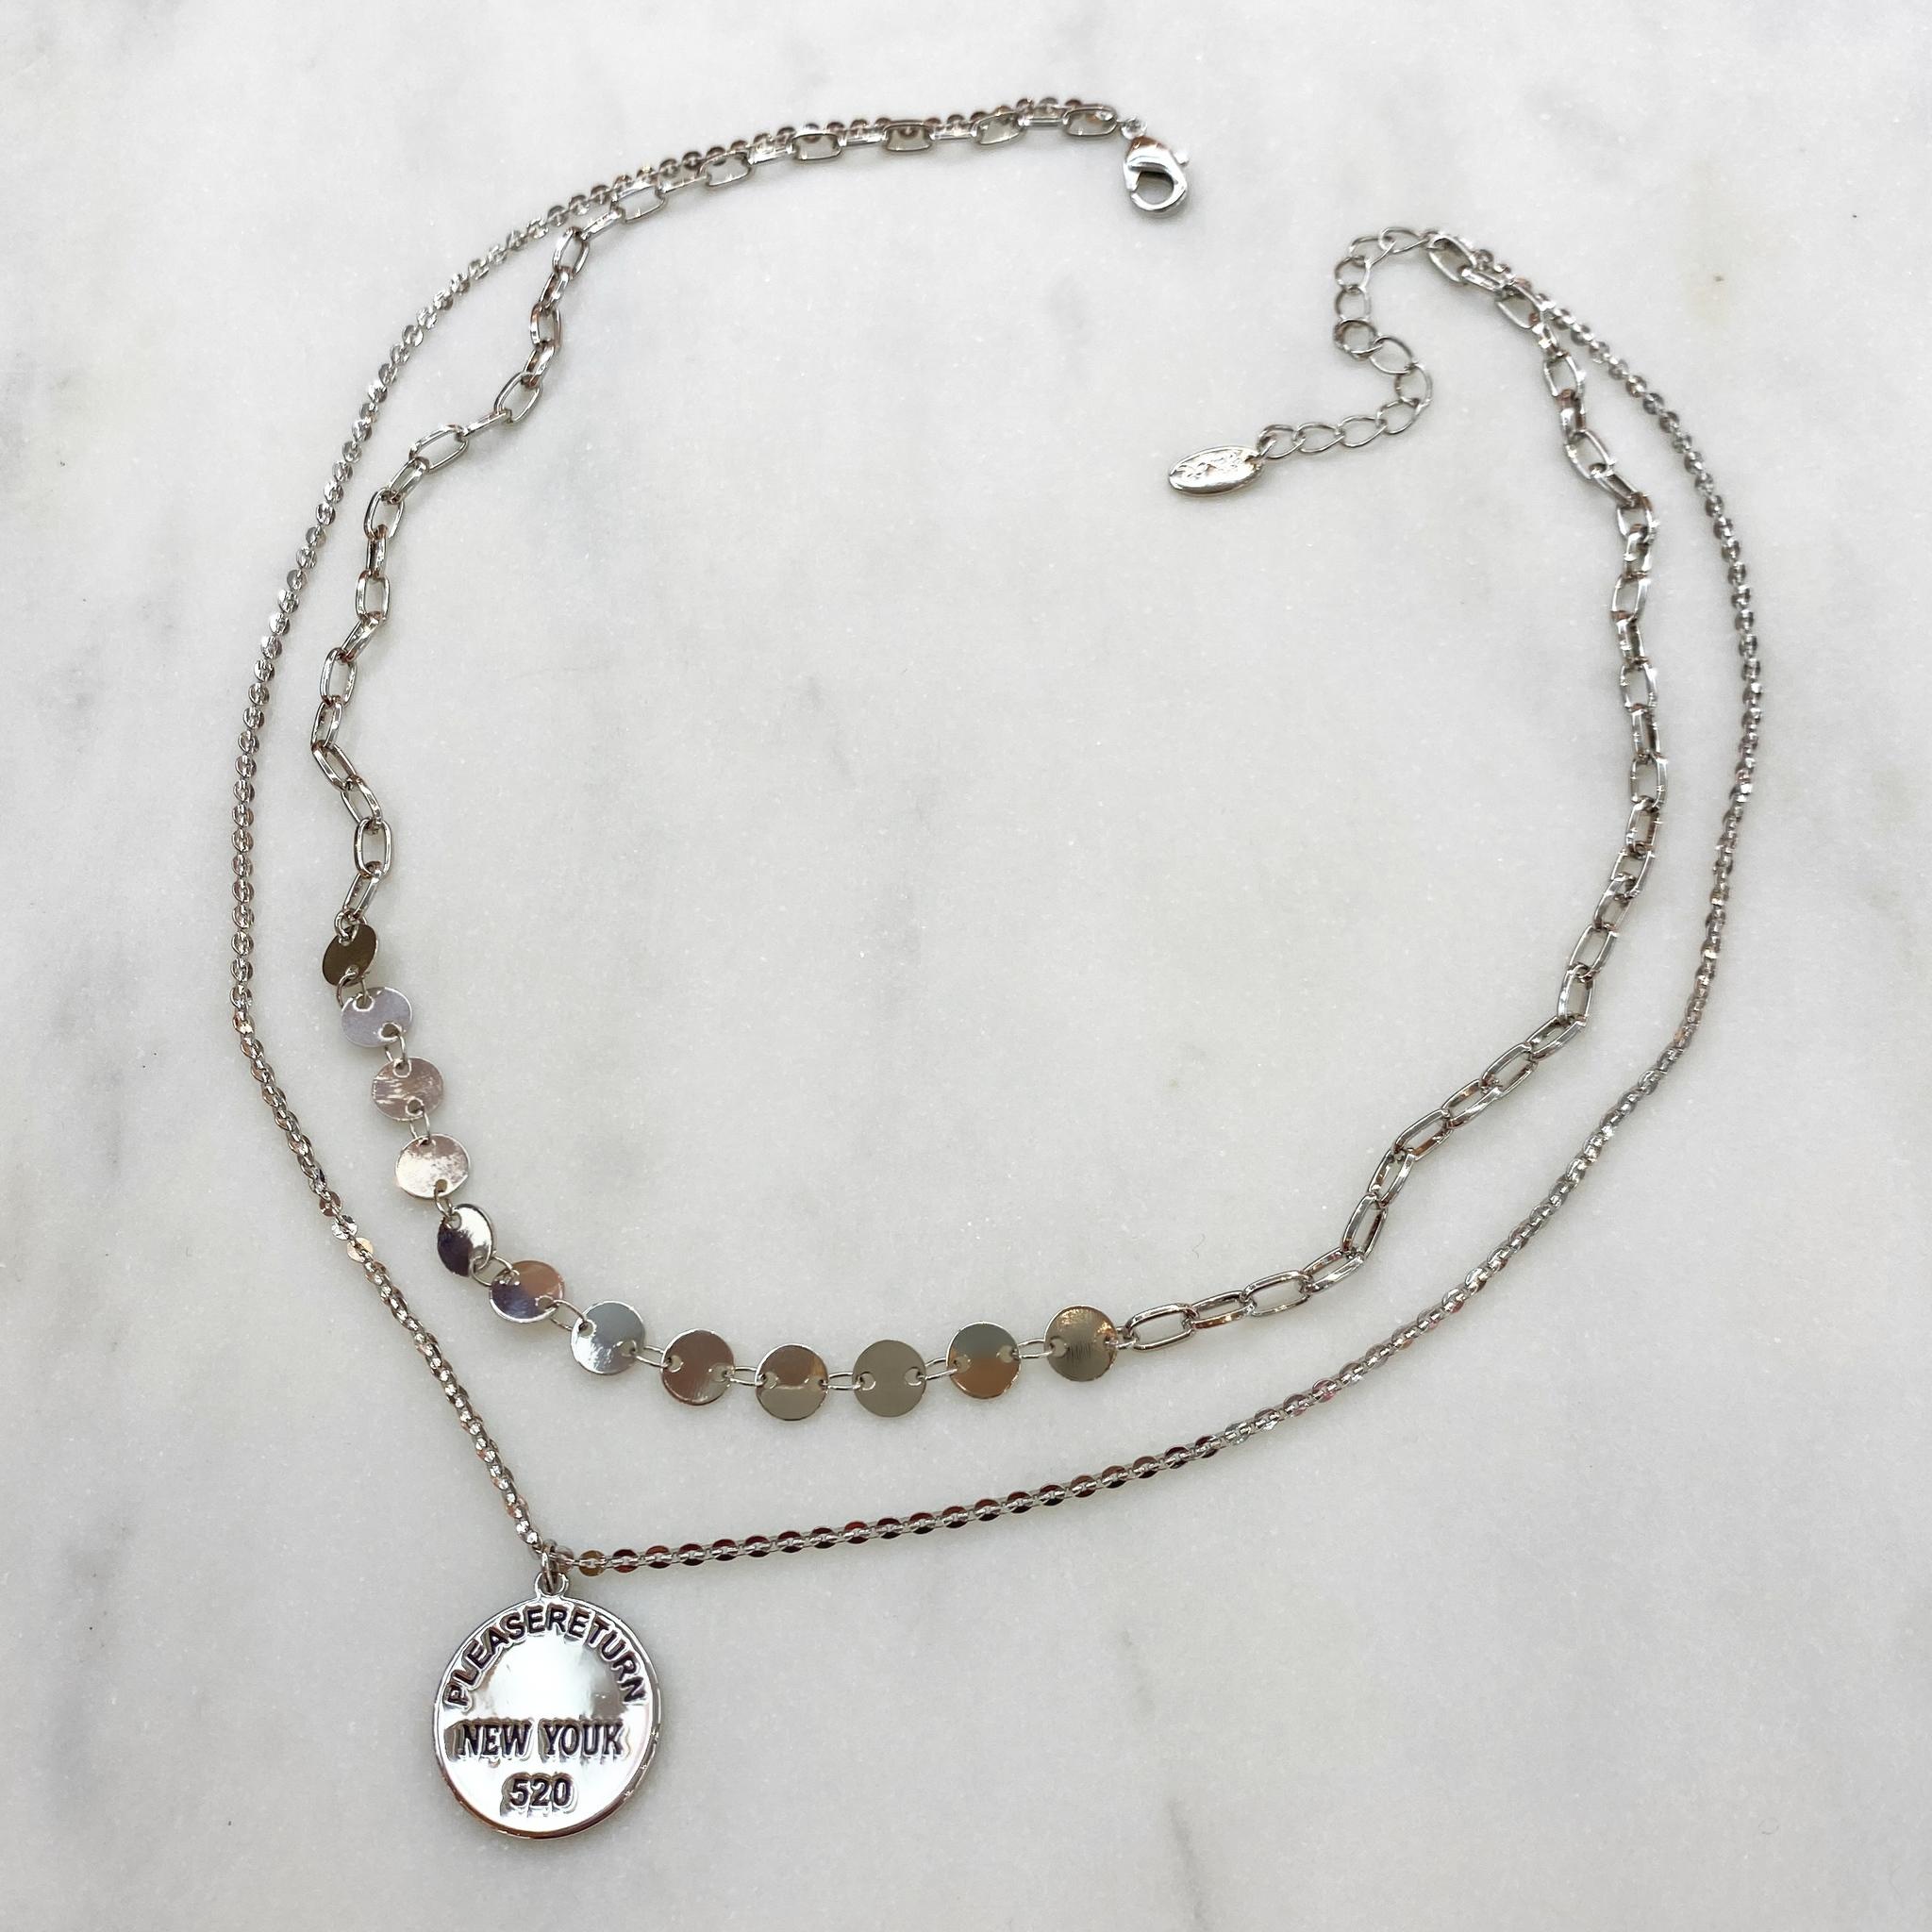 Колье двурядное из монист и цепочки с медальоном (серебристый)